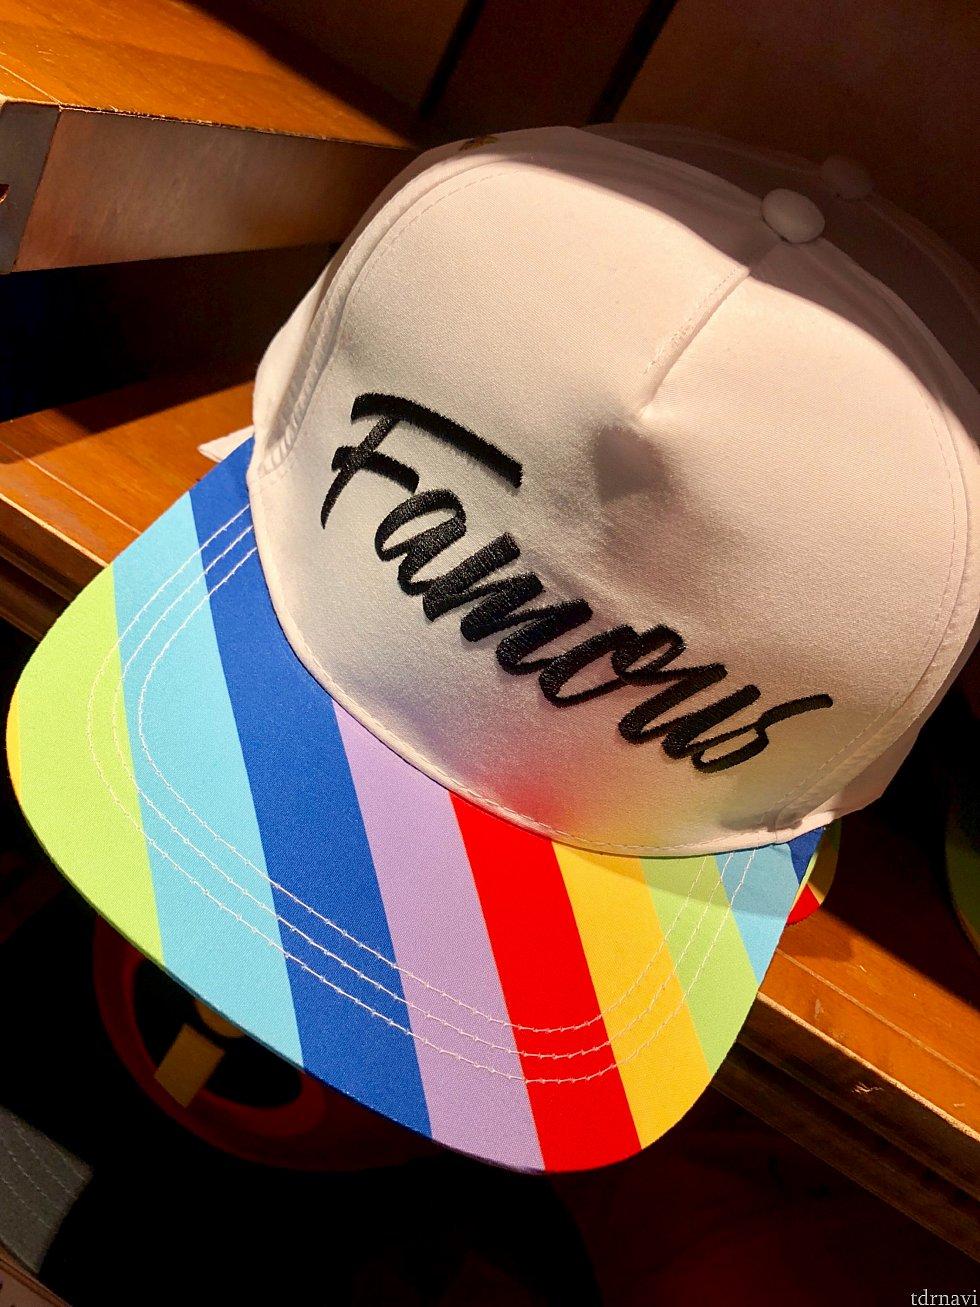 このキャップは、インサイドヘッドのユニコーンがモチーフ。ユニコーンの名前はfamousでしたっけ?後ろ側には、彼女の刺繍が。